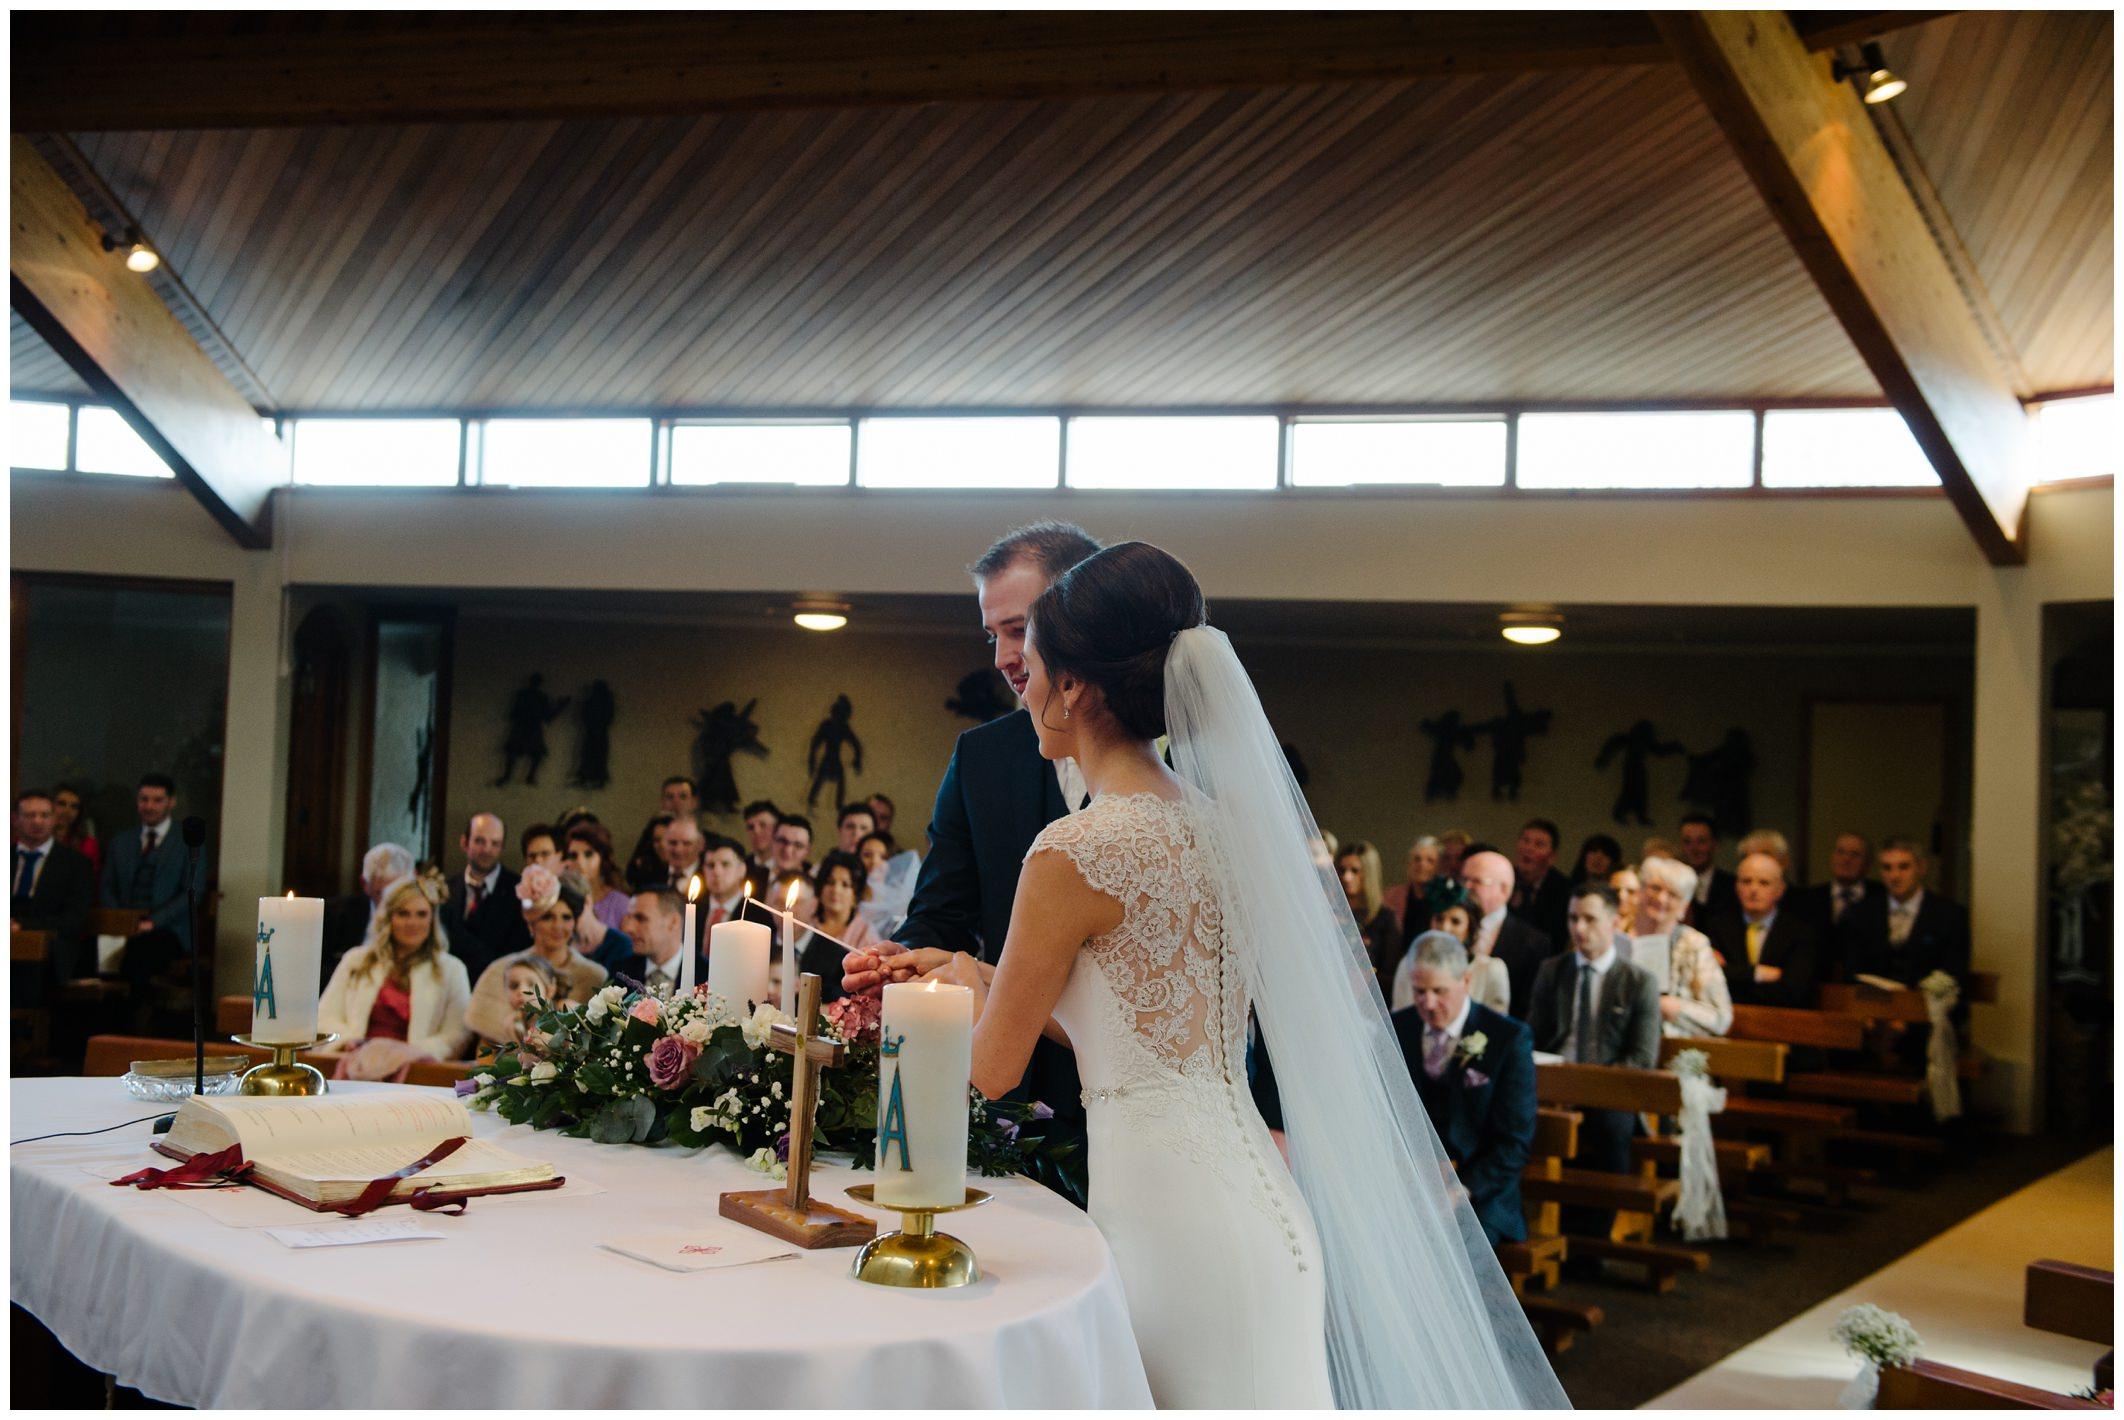 nicola_colm_villa_rose_wedding_jude_browne_photography_0045.jpg